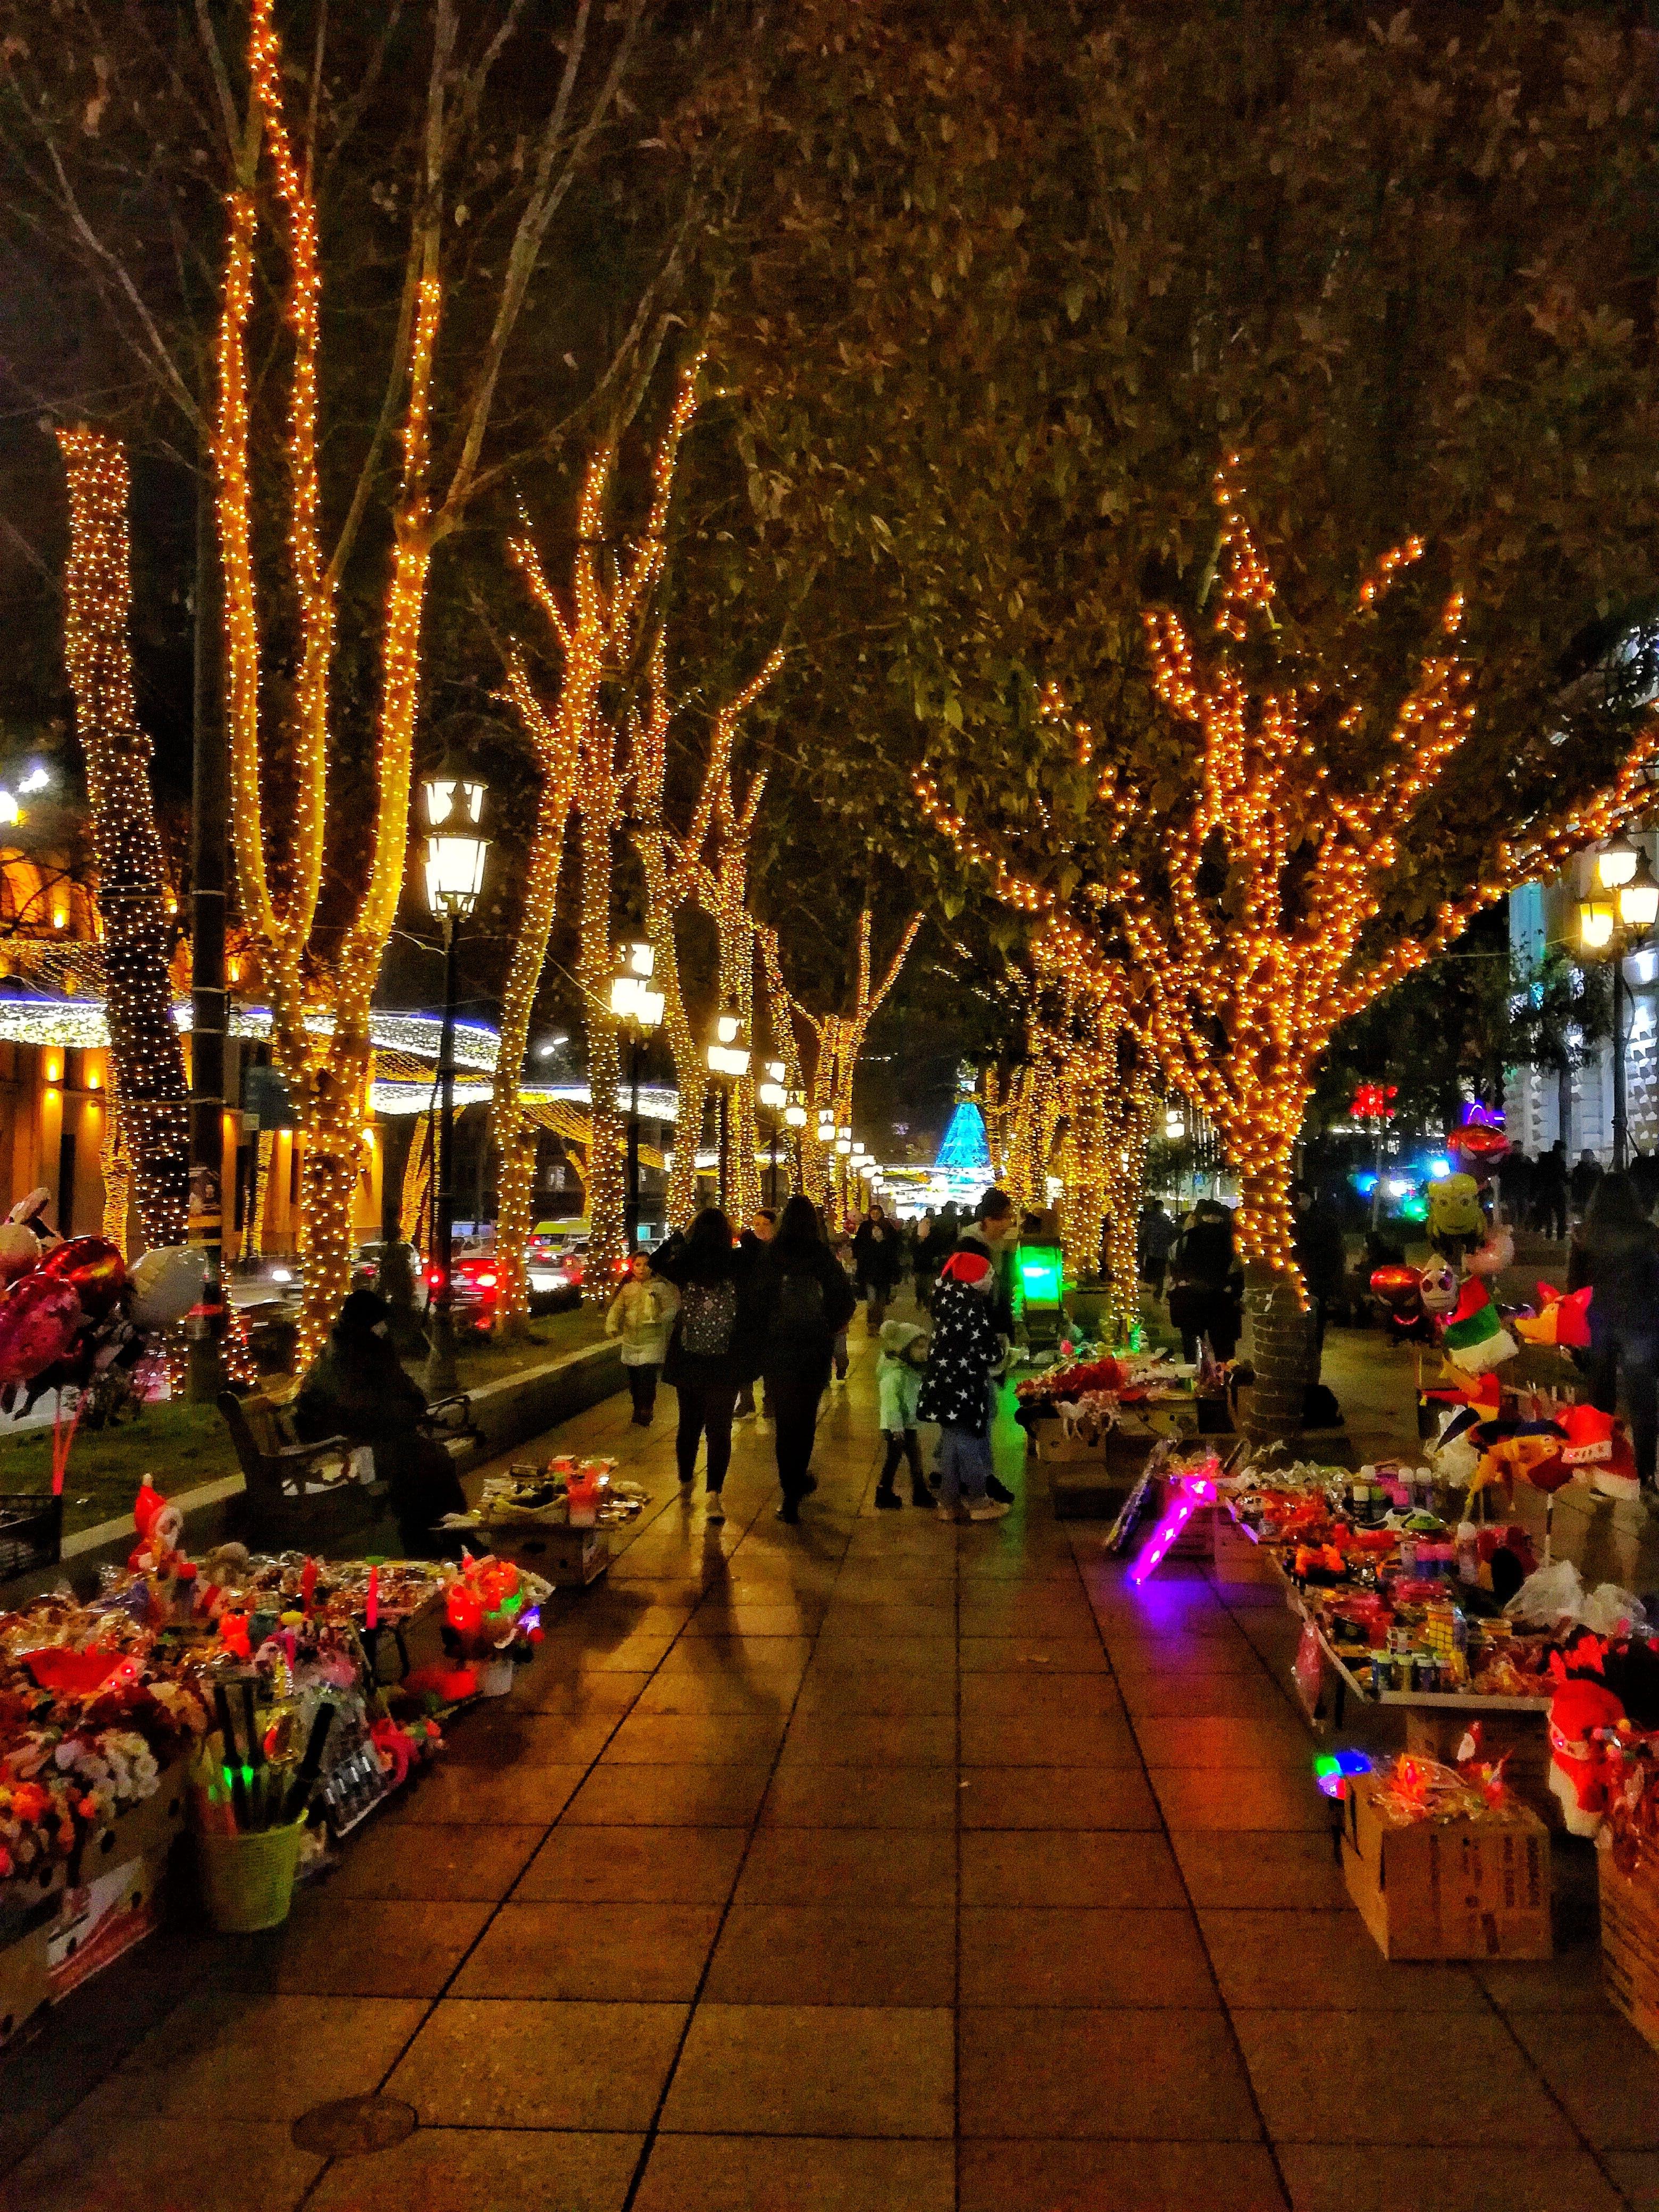 Δωρεάν στοκ φωτογραφιών με Γεωργία, περίοδος Χριστουγέννων, Χριστούγεννα, χριστουγεννιάτικα δώρα